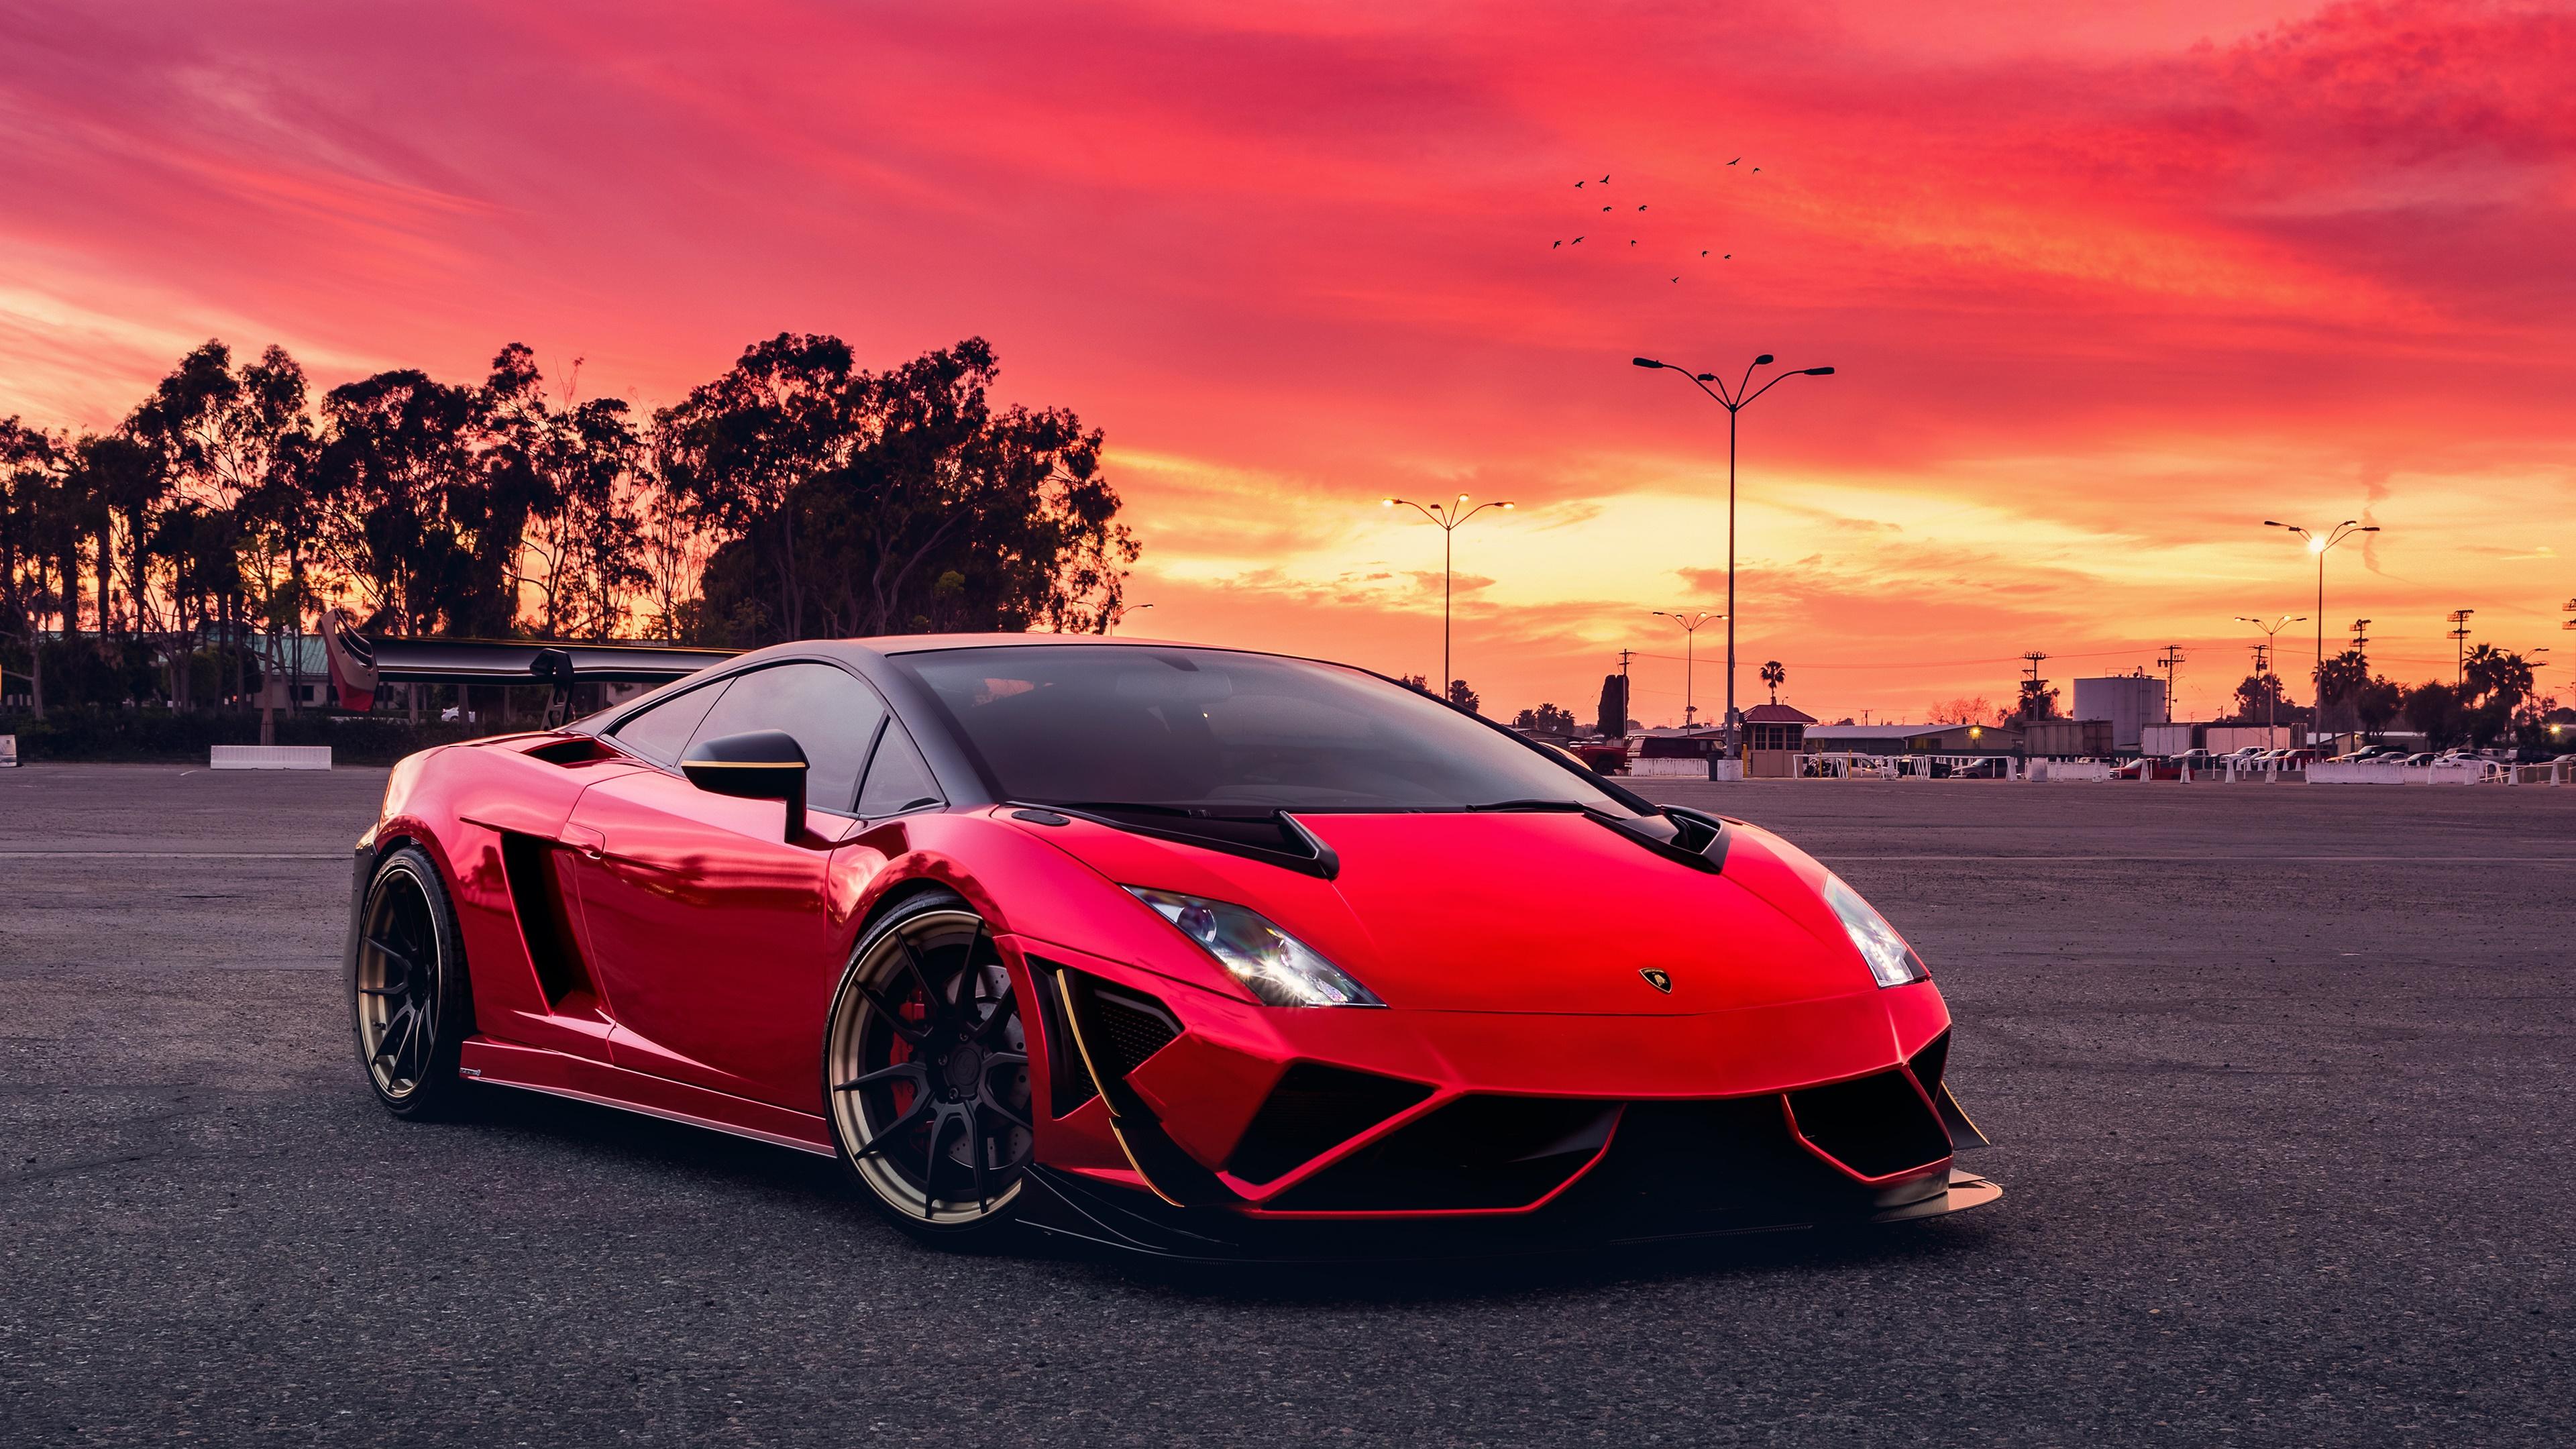 4k Lamborghini Aventador Lamborghini Sports Car Wallpaper: Red Lamborghini Gallardo Lamborghini Wallpapers